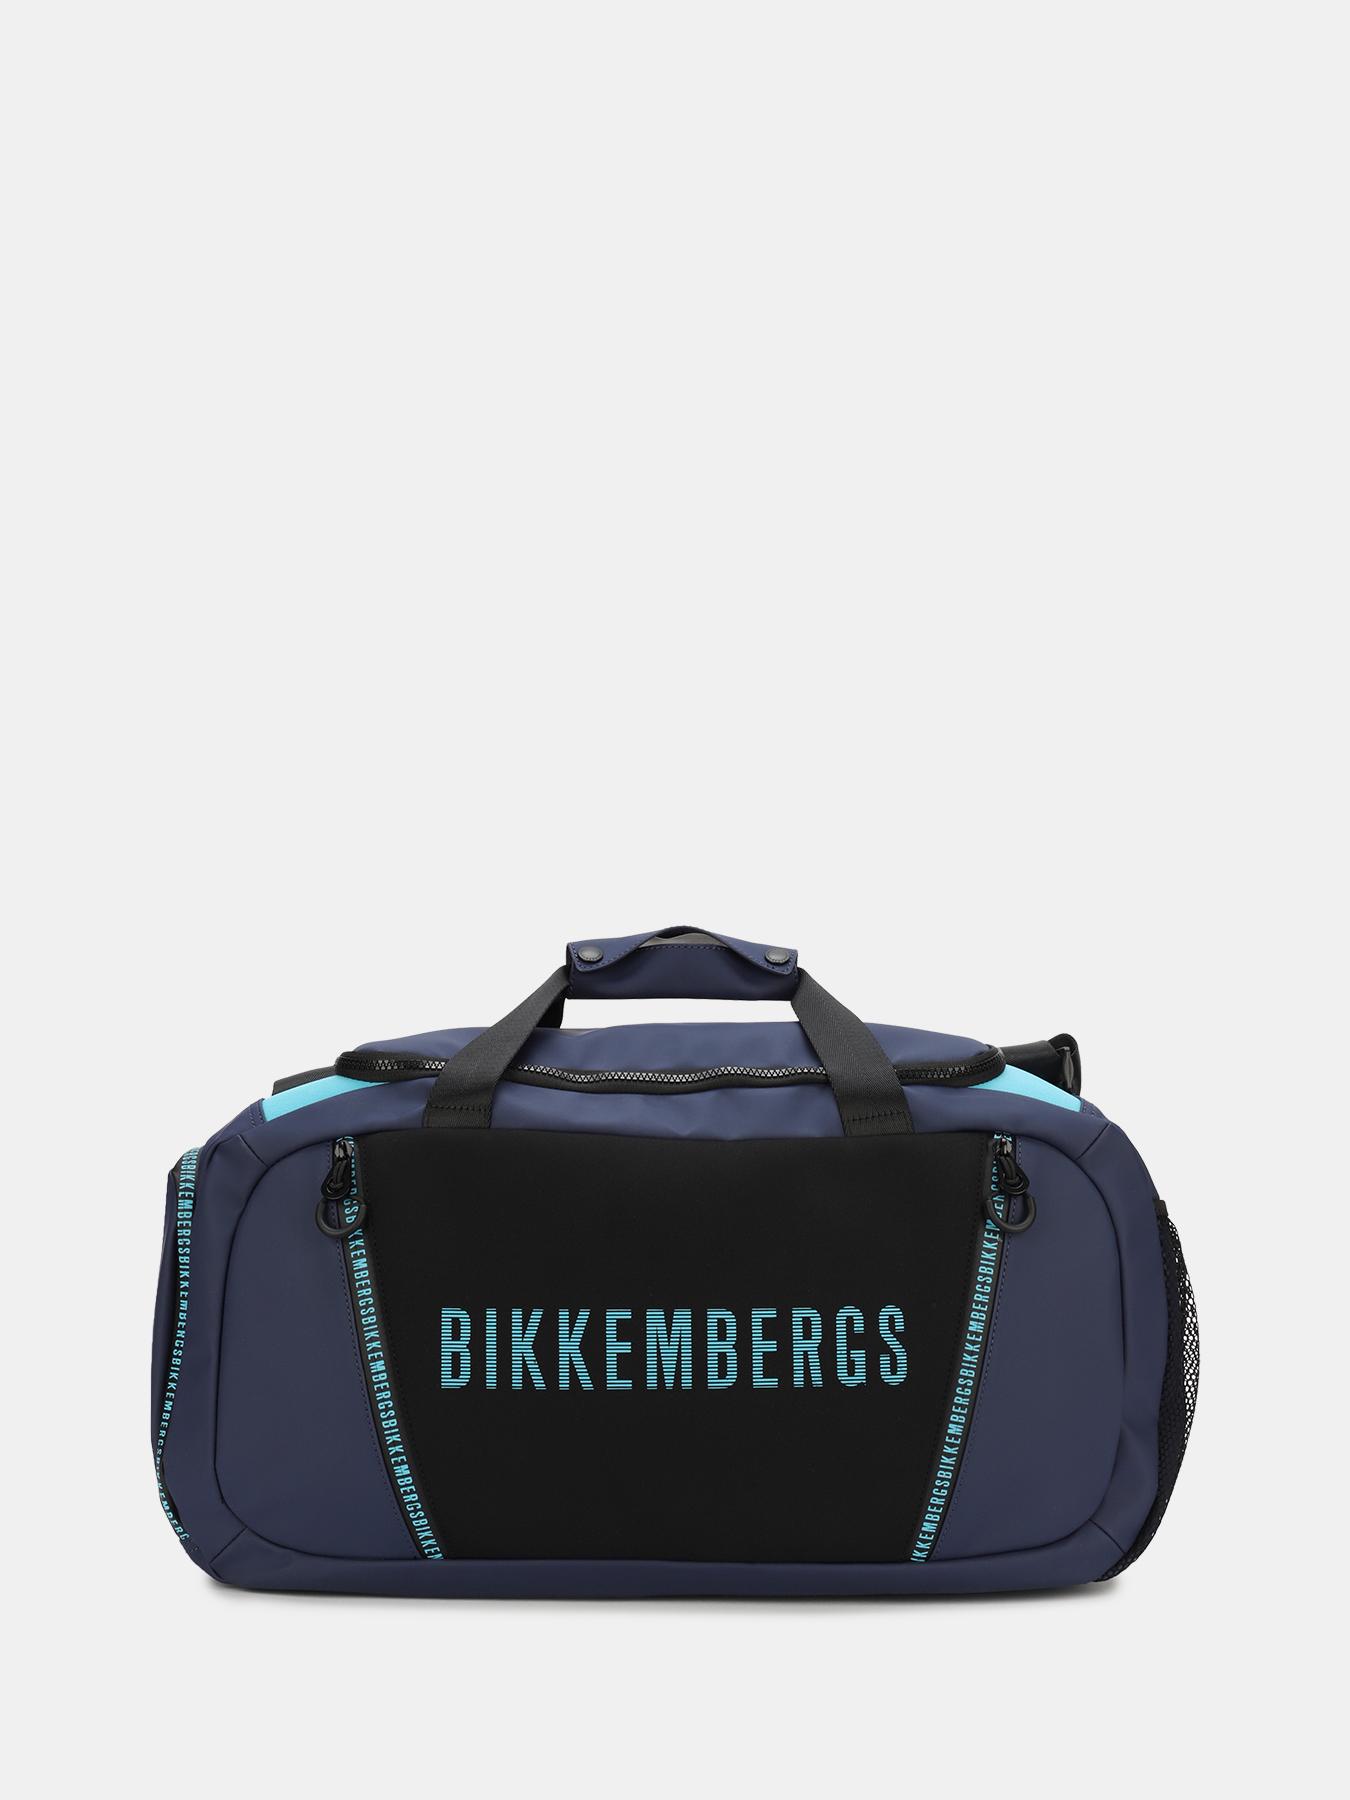 Фото - Дорожные сумки Bikkembergs Дорожная сумка феникс сумка мешок дорожная монстрик в оранжевом свитере 48646 оранжевый